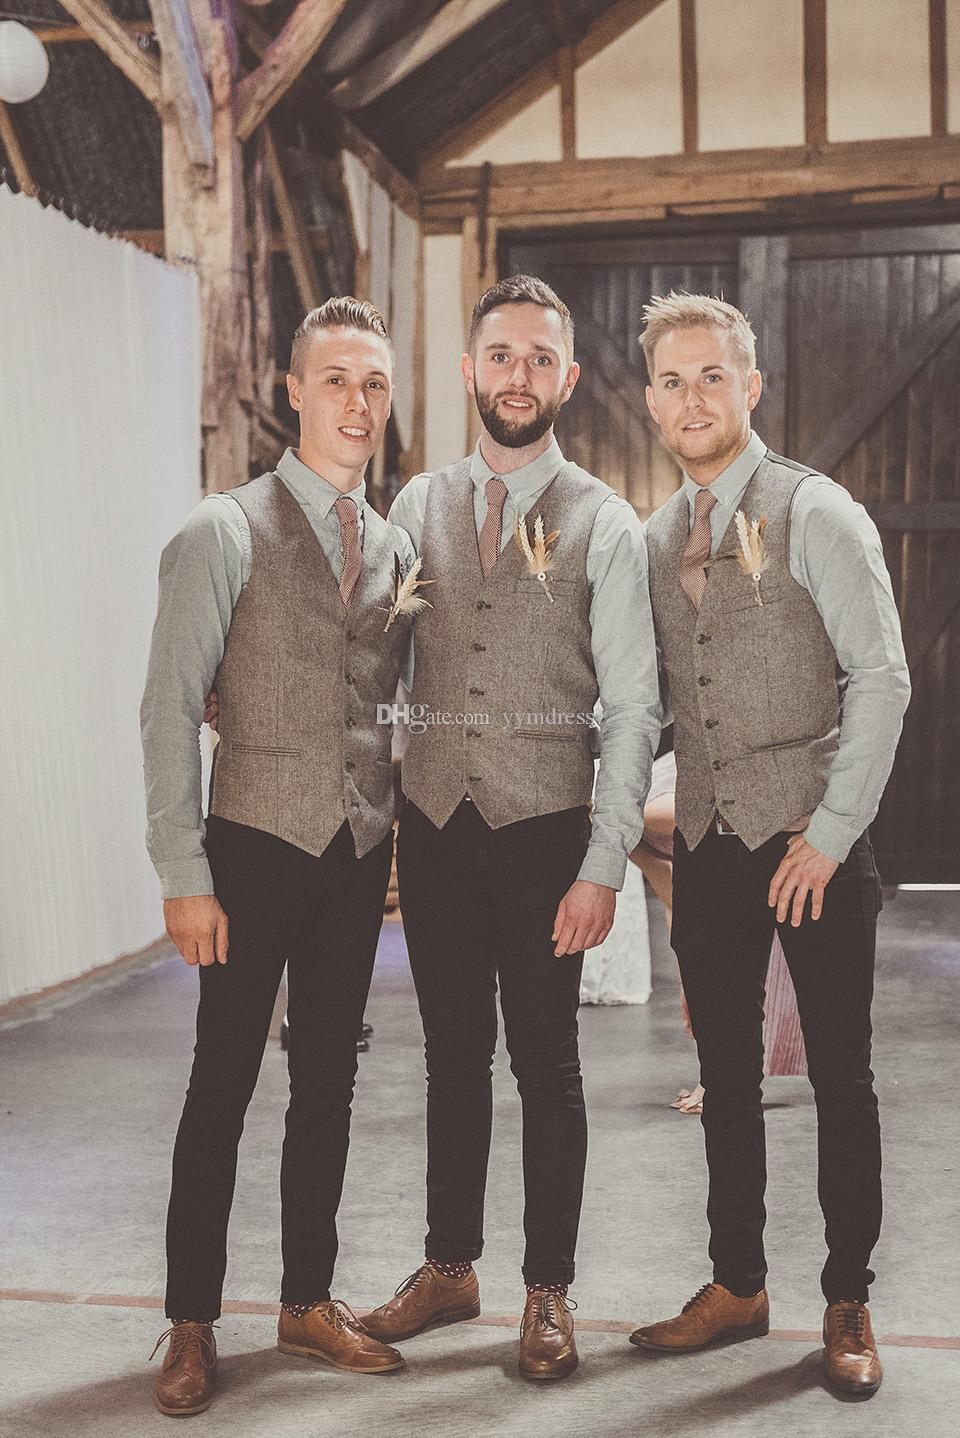 2020 Lana Modest chalecos novio del juego del estilo británico de los hombres de chalecos Slim Fit hombres del vestido de boda del chaleco del chaleco de los padrinos de boda Traje por encargo